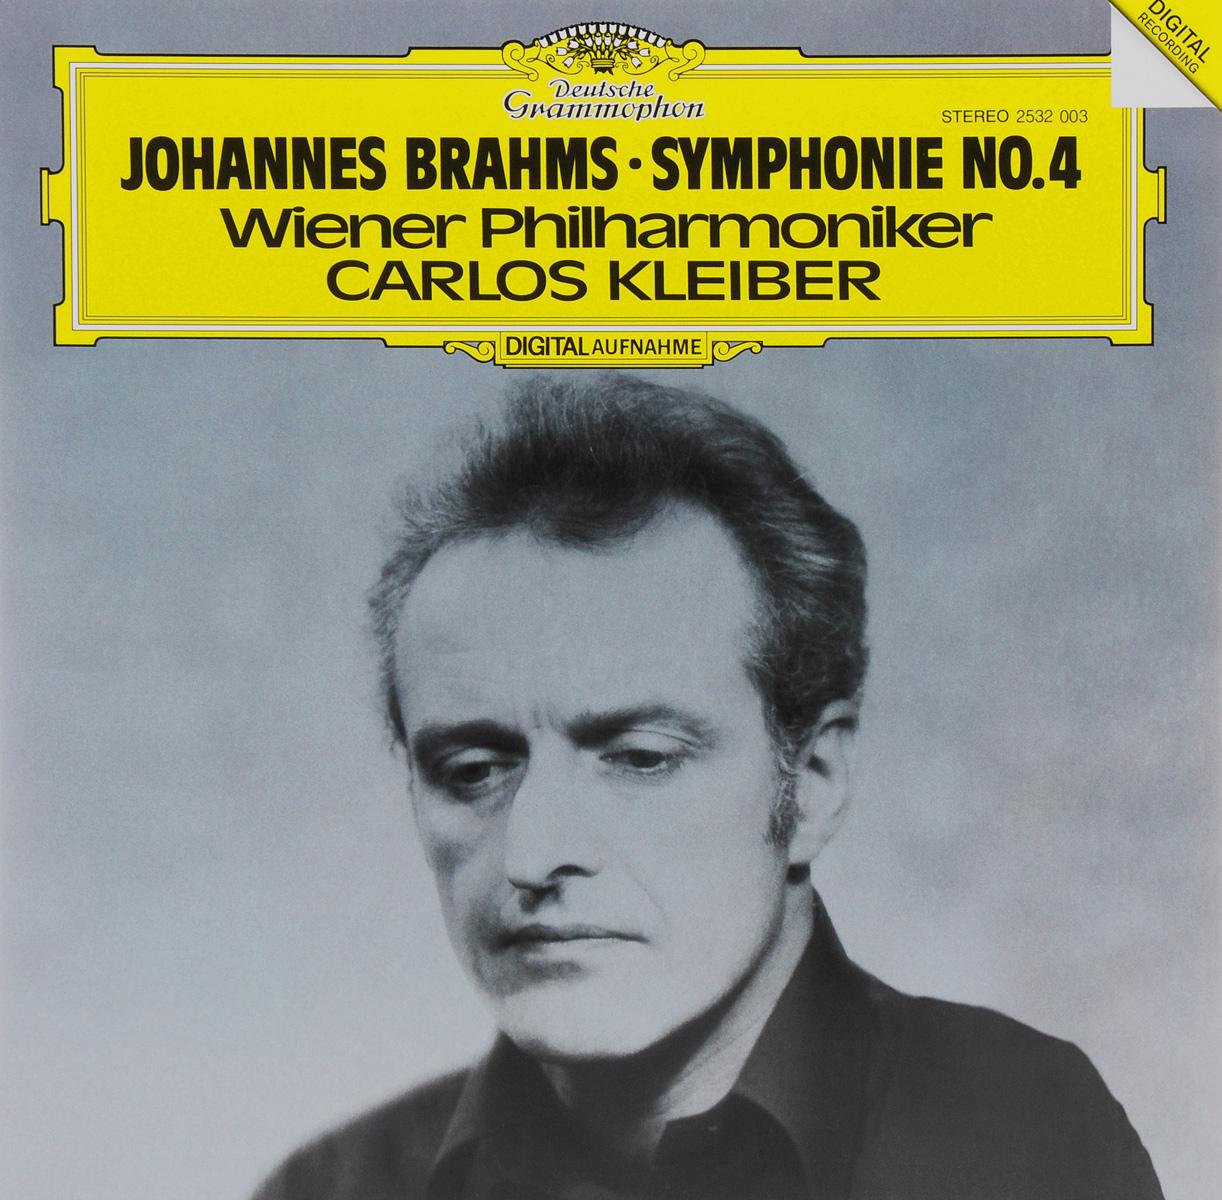 Издание содержит секретный код для загрузки цифровой версии альбома.